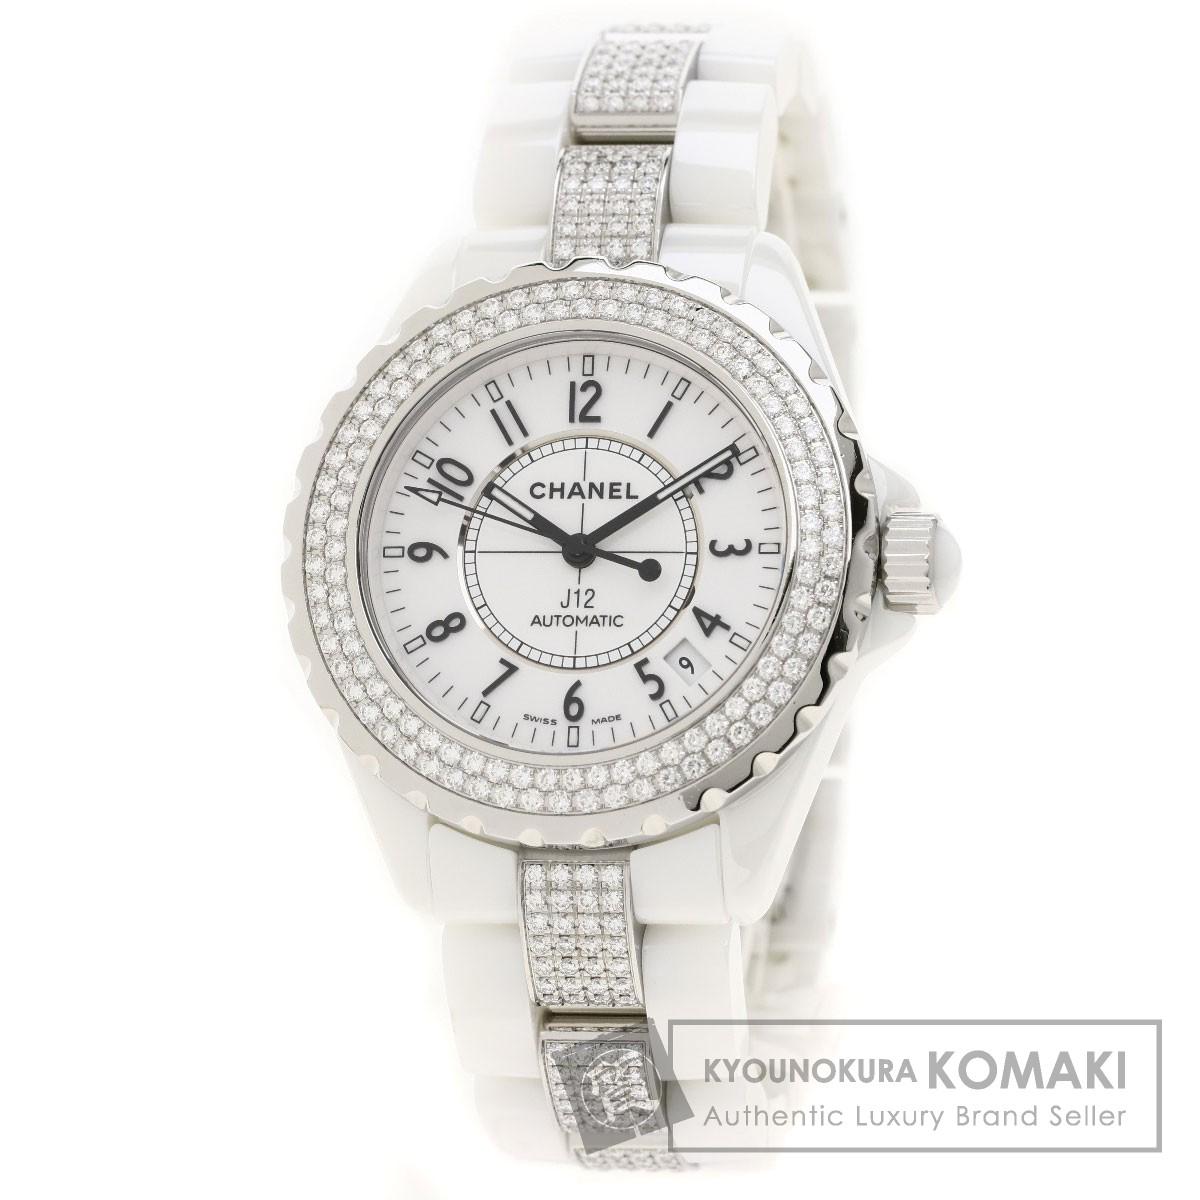 シャネル H1422 J12 38 ダイヤモンドベゼル 腕時計 OH済 セラミック/セラミックxダイヤモンド/ダイヤモンド メンズ 【中古】【CHANEL】